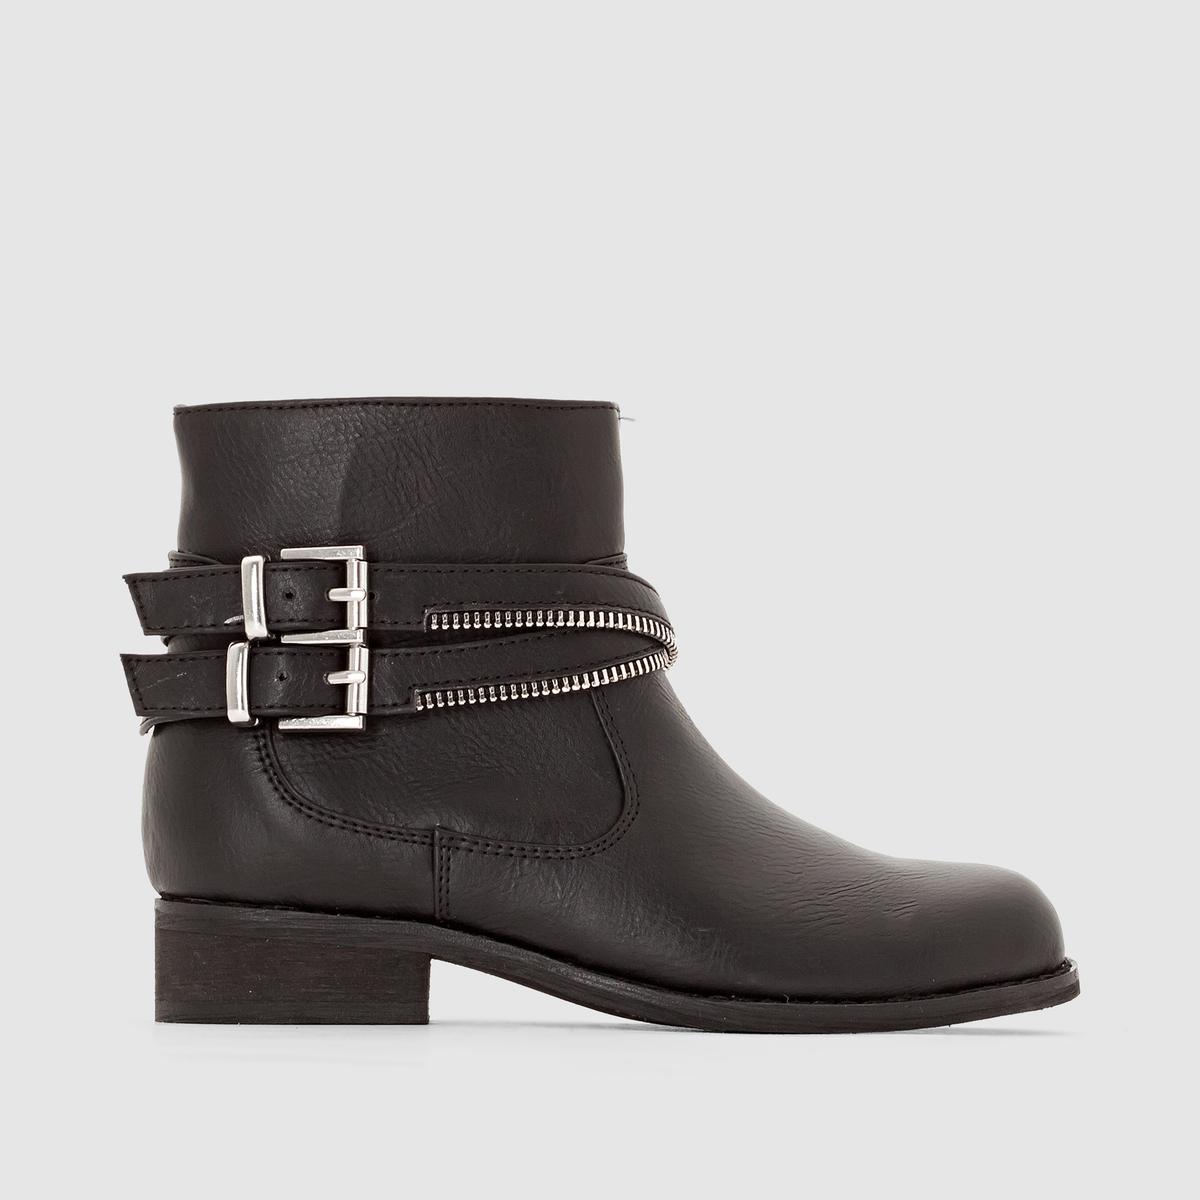 Ботинки в байкерском стиле с ремешкамиПрекрасная модель с ремешками в байкерском стиле : ботинки, которые произведут впечатление как на перемене, так и на подиуме !<br><br>Цвет: черный<br>Размер: 26.39.36.35.29